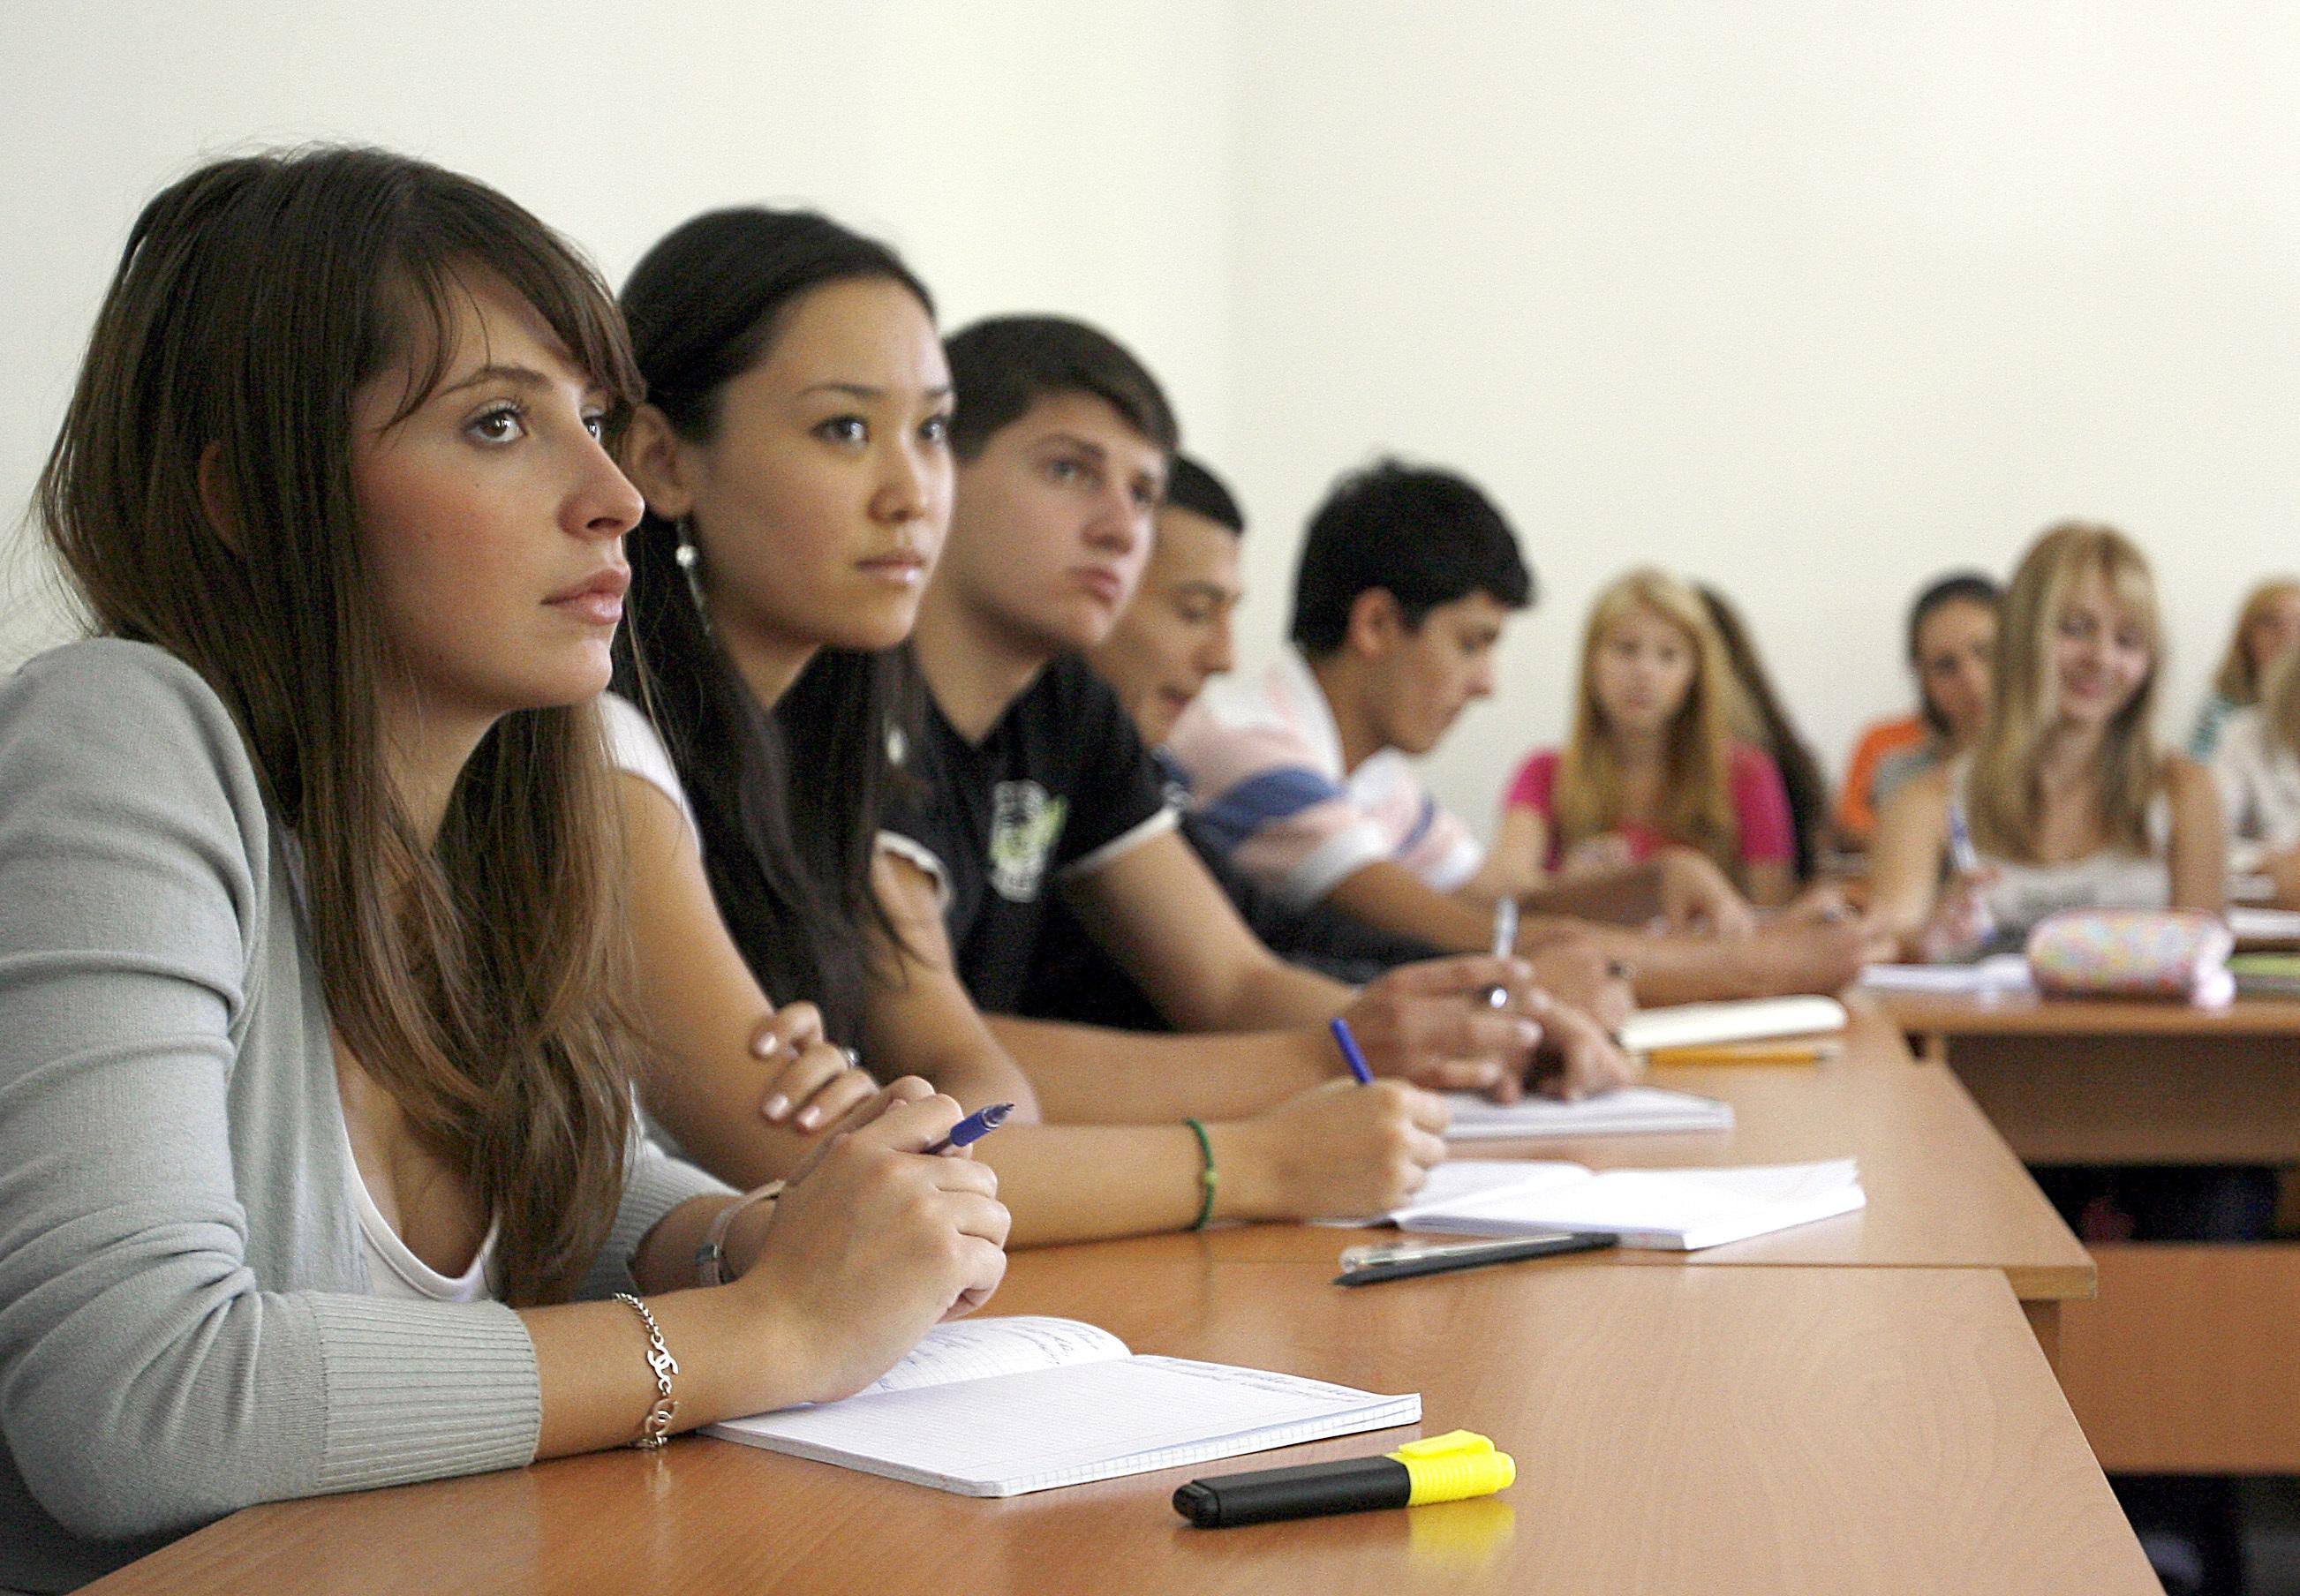 Studenten am 04.09.2008 beim Unterricht in der deutsch-kasachischen Universität in Almaty. Foto: Wolfgang Kumm dpa +++(c) dpa - Report+++ | Verwendung weltweit